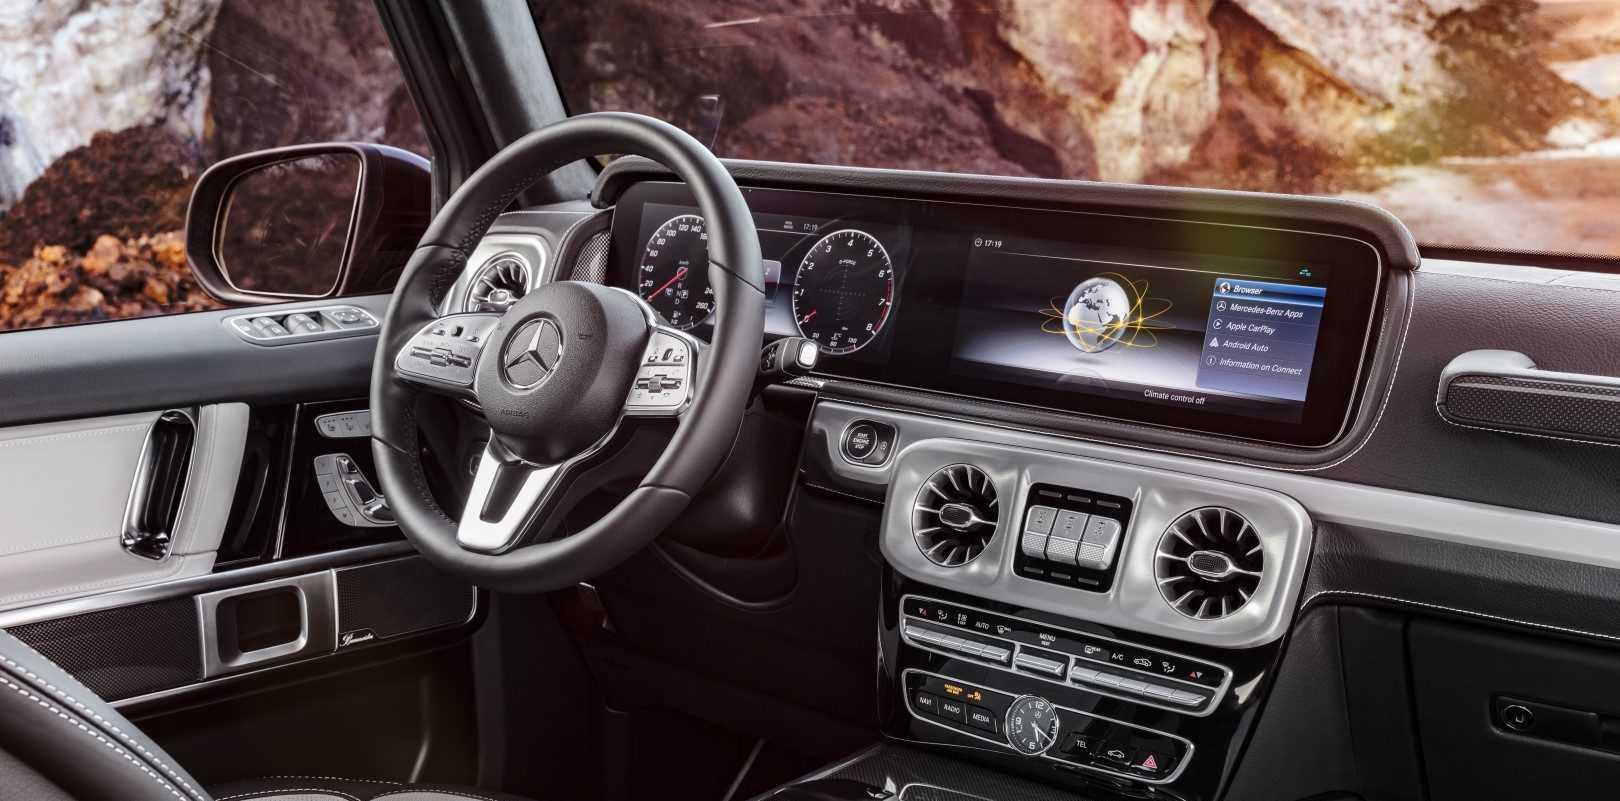 Mercedes-Benz G-Klasse 2017